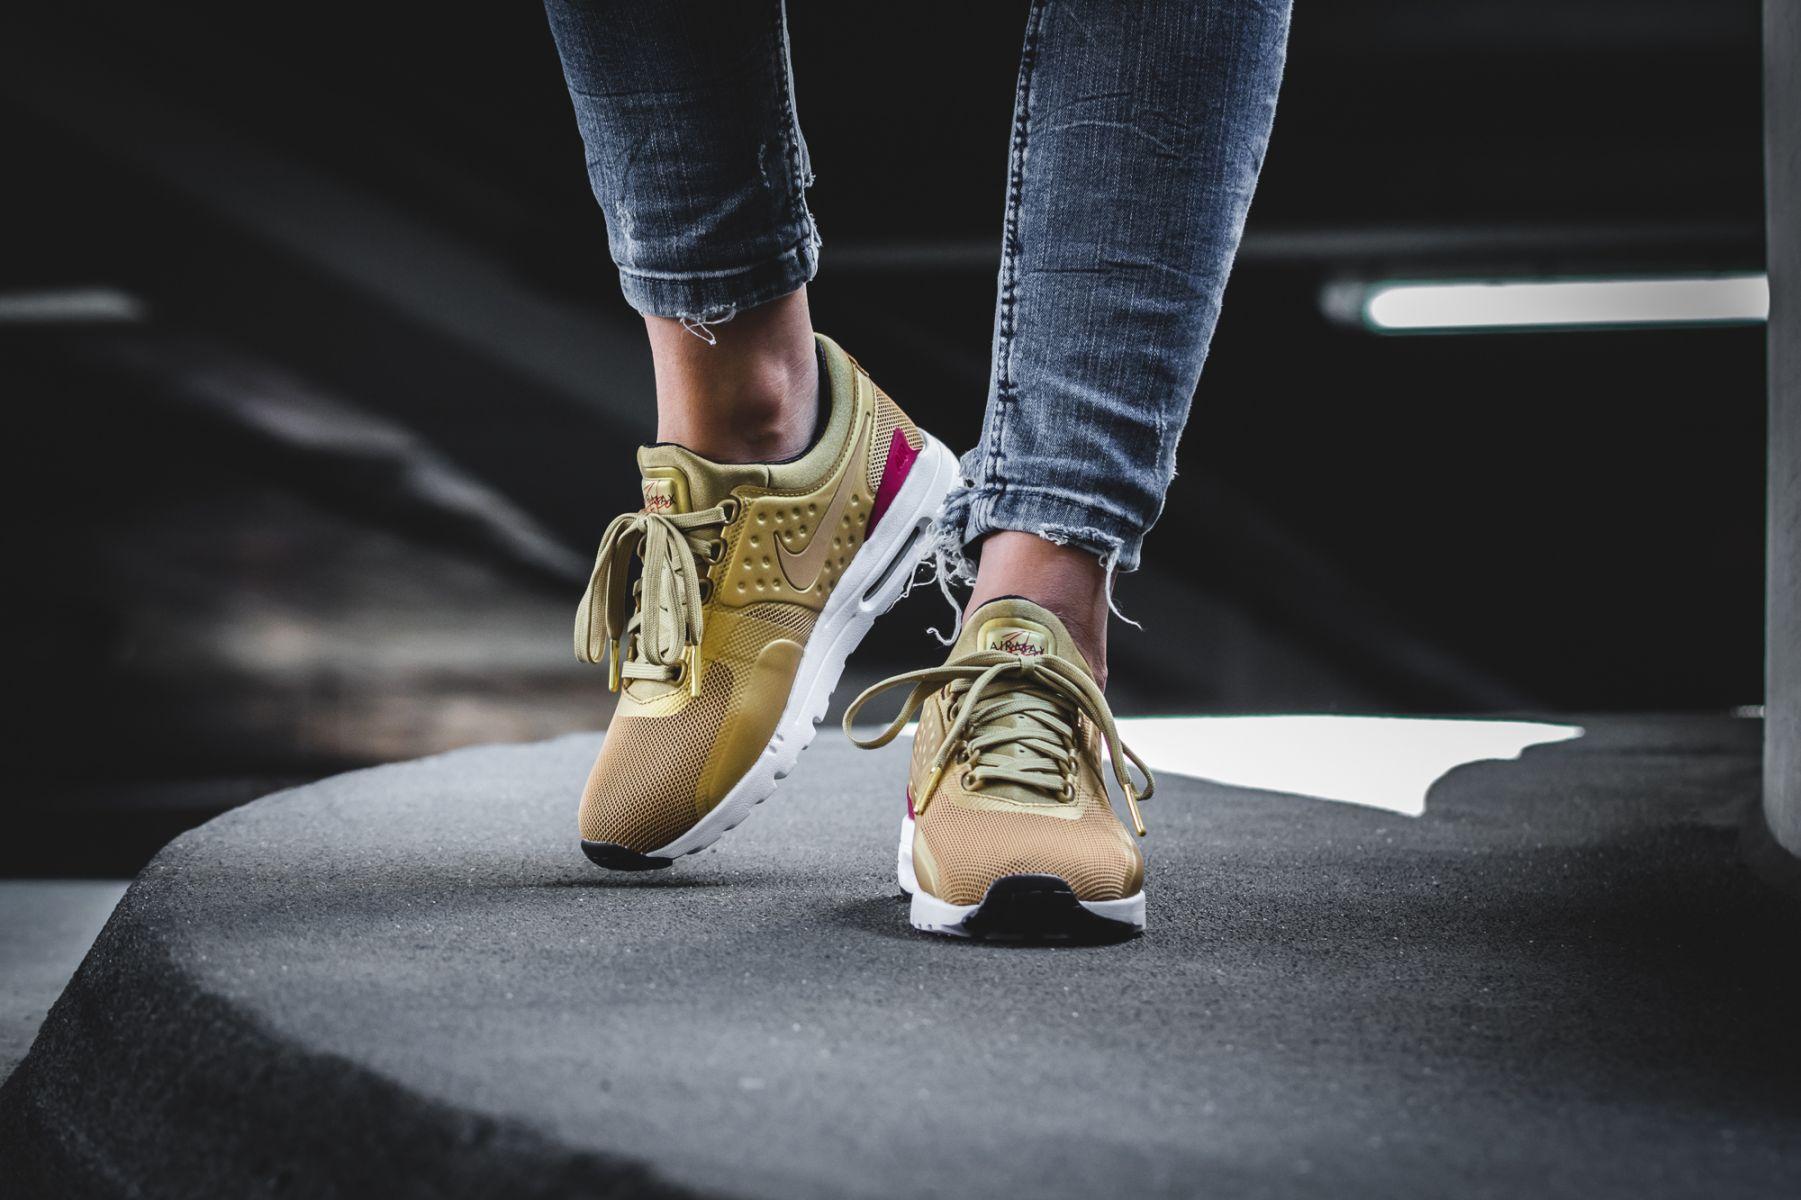 Nike Modèlesles Zero Femme Max Air Cher Chaussures Nombreux Pas f5qdIwgSf